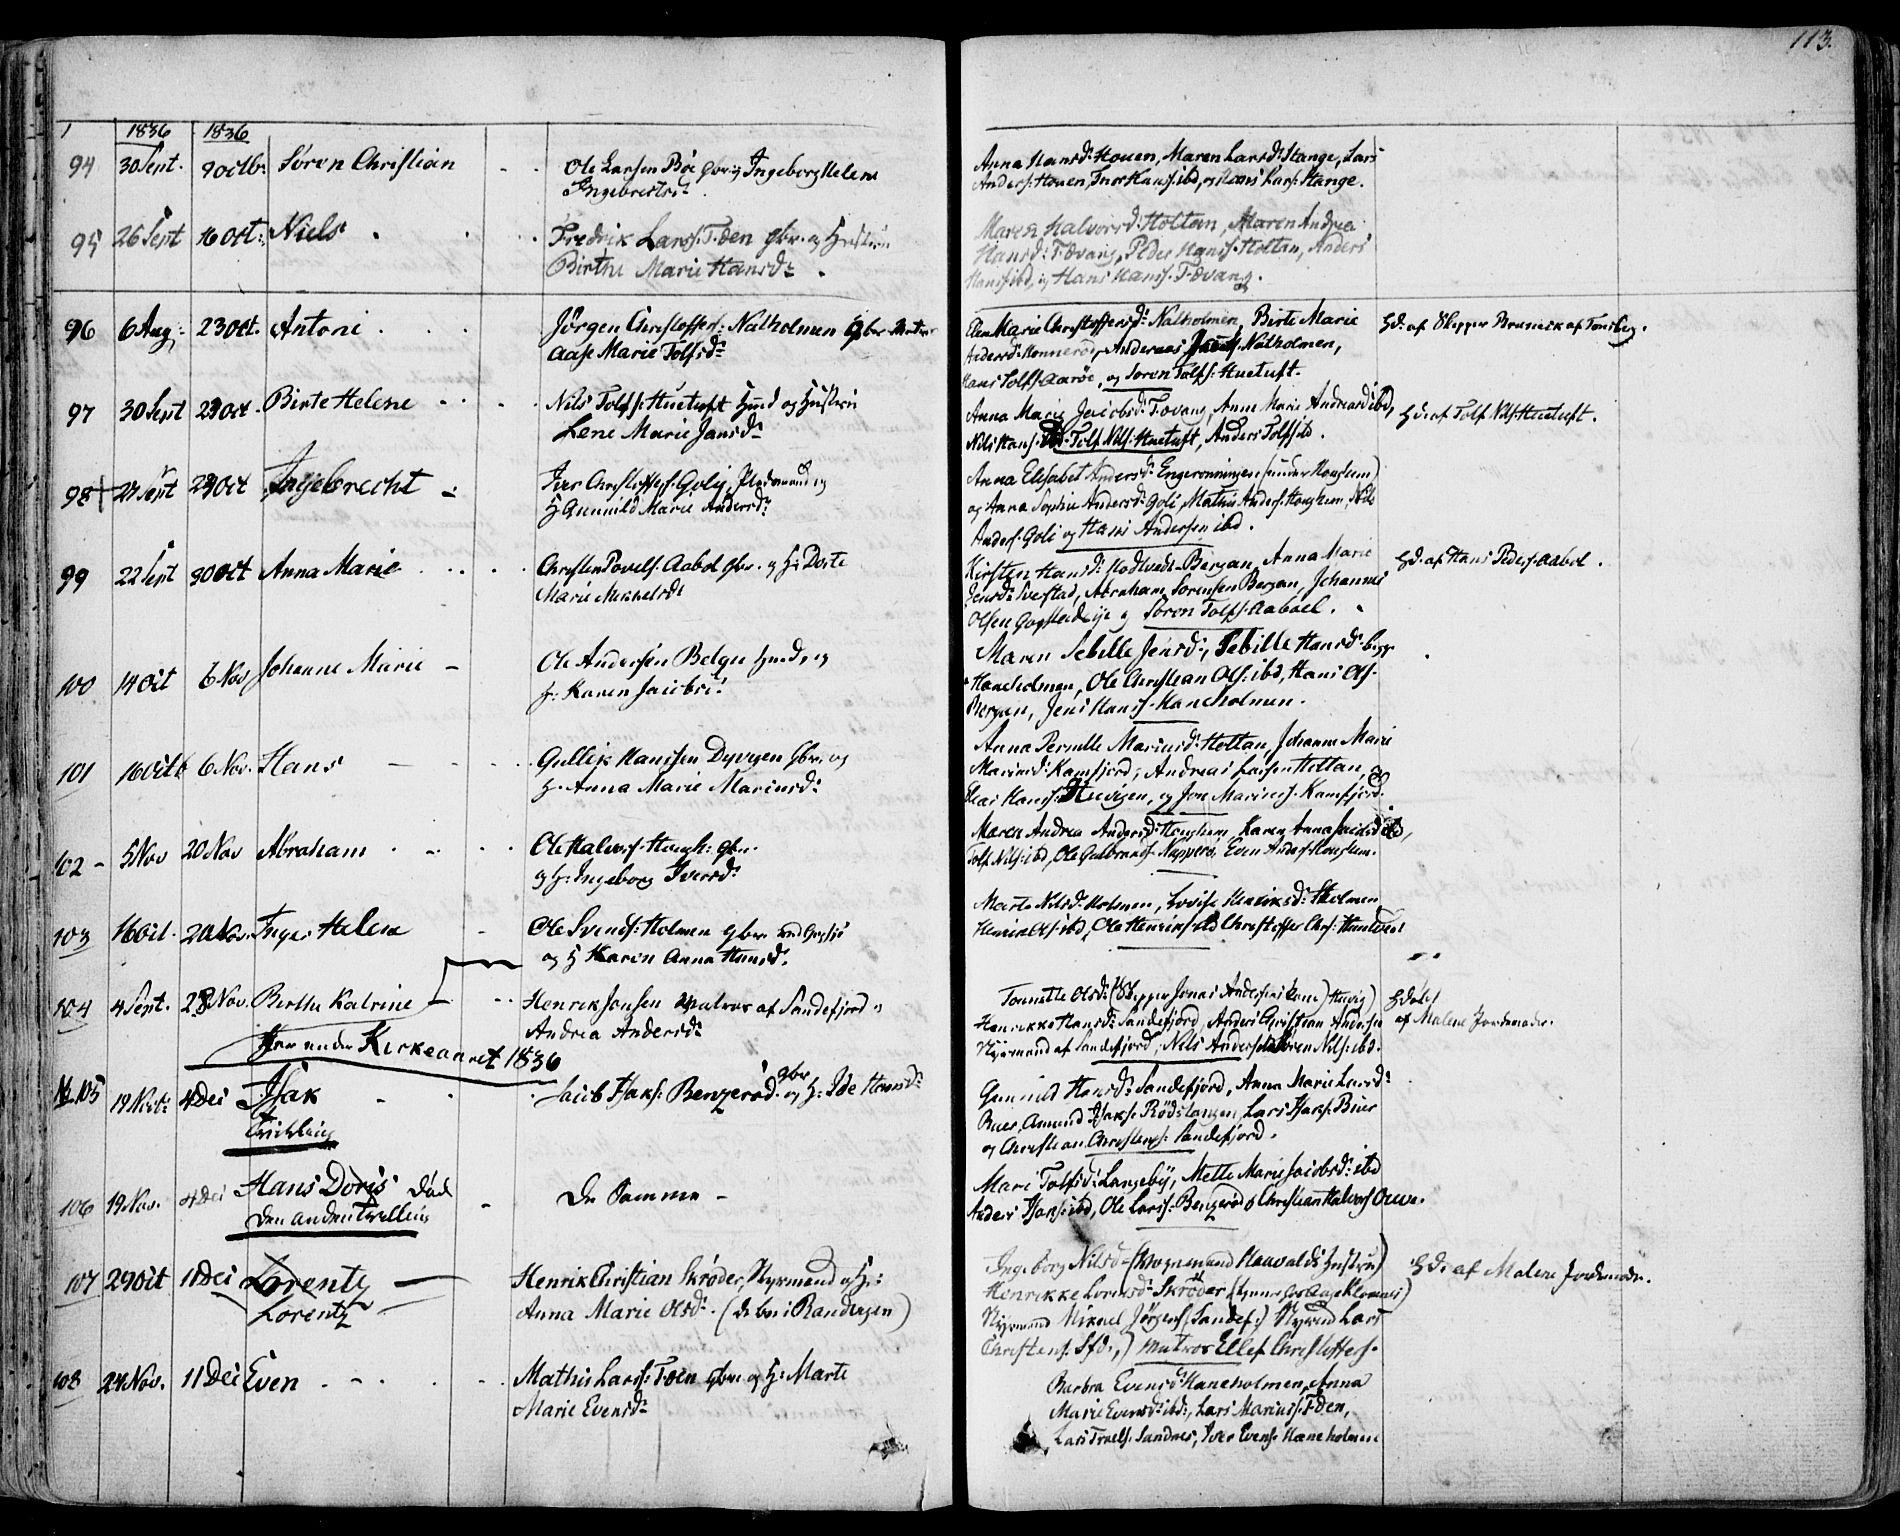 SAKO, Sandar kirkebøker, F/Fa/L0005: Ministerialbok nr. 5, 1832-1847, s. 112-113